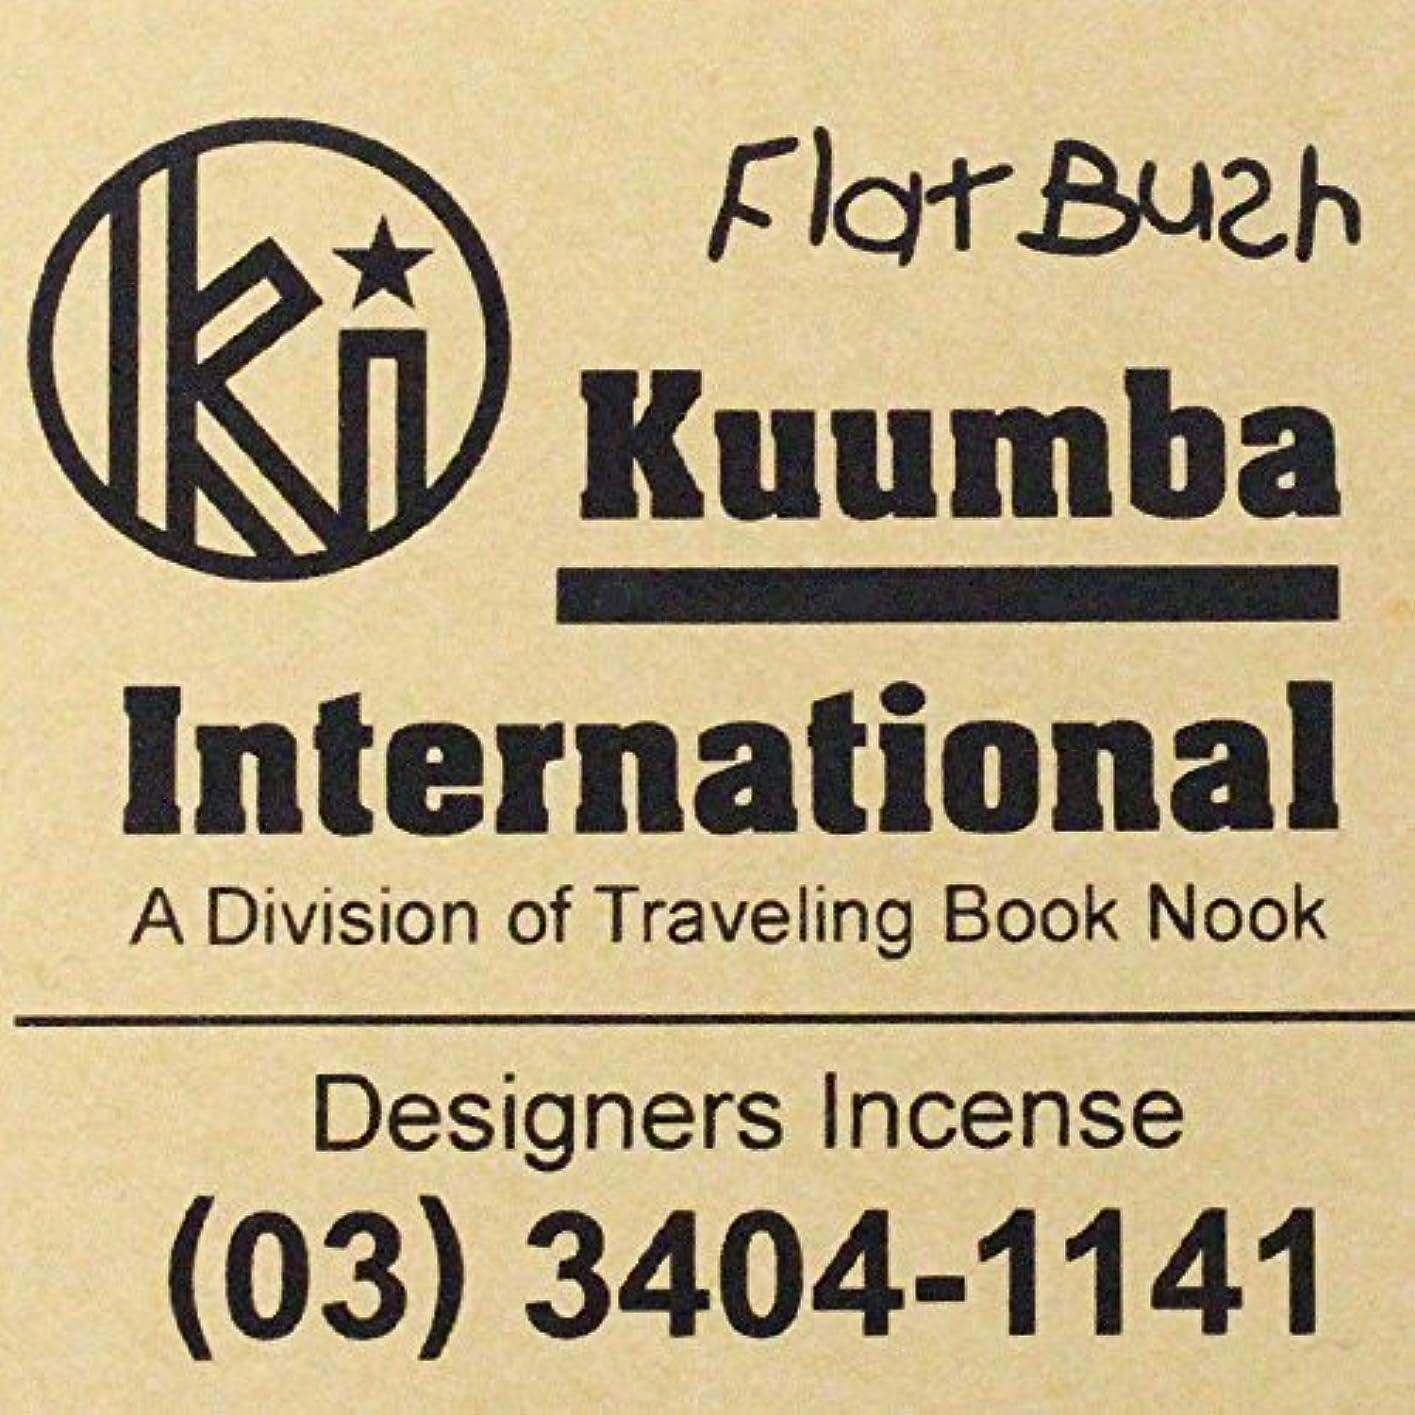 魔女チャーミングしっかり(クンバ) KUUMBA『incense』(Flat Bush) (Regular size)